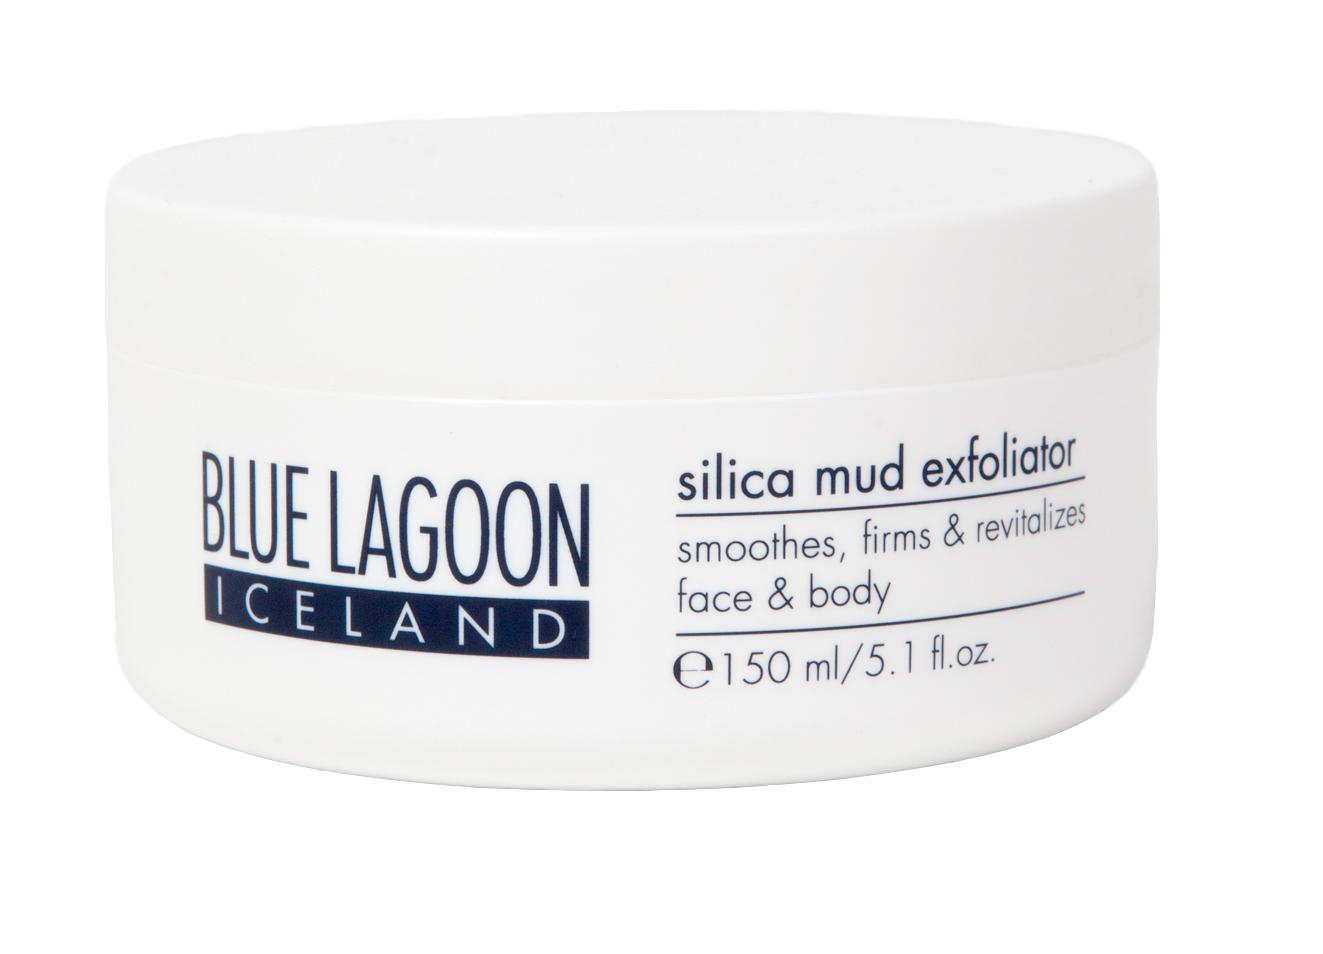 Silica Mud Exfoliator